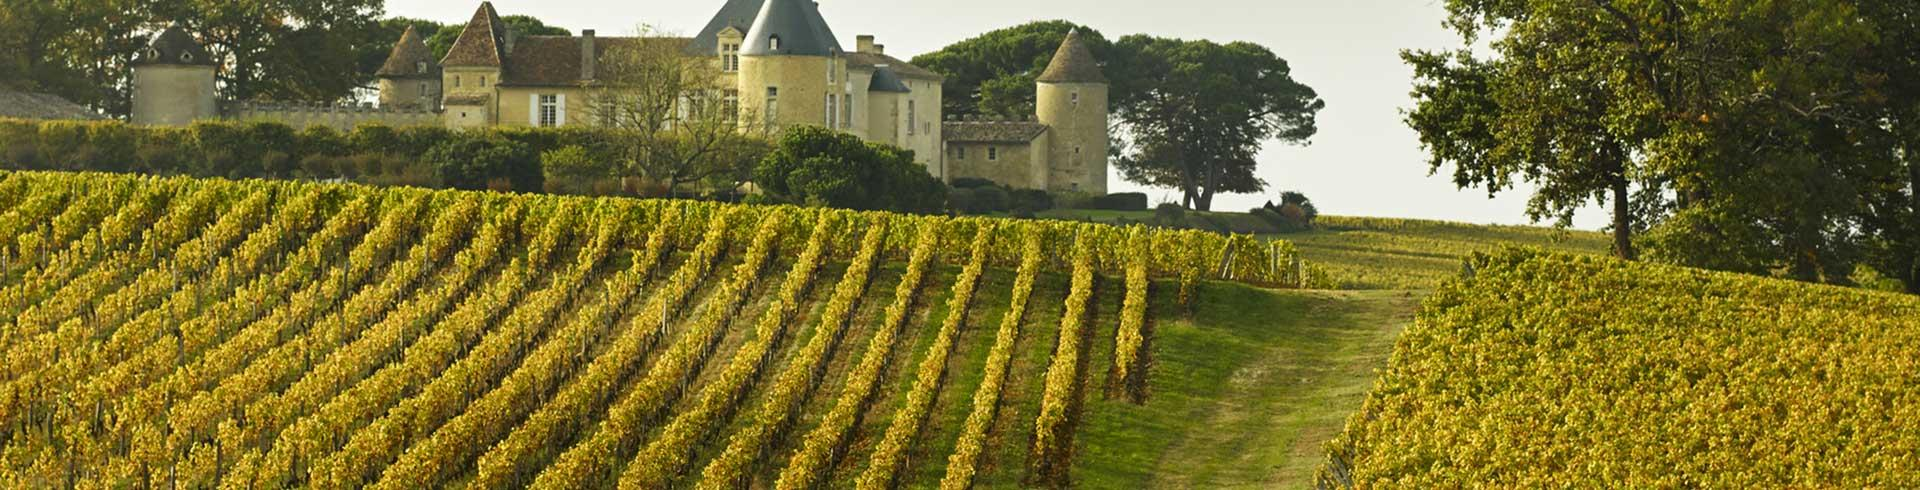 Vols Nice Bordeaux Pas Cher S 233 Jour Bordeaux A 233 Roport De